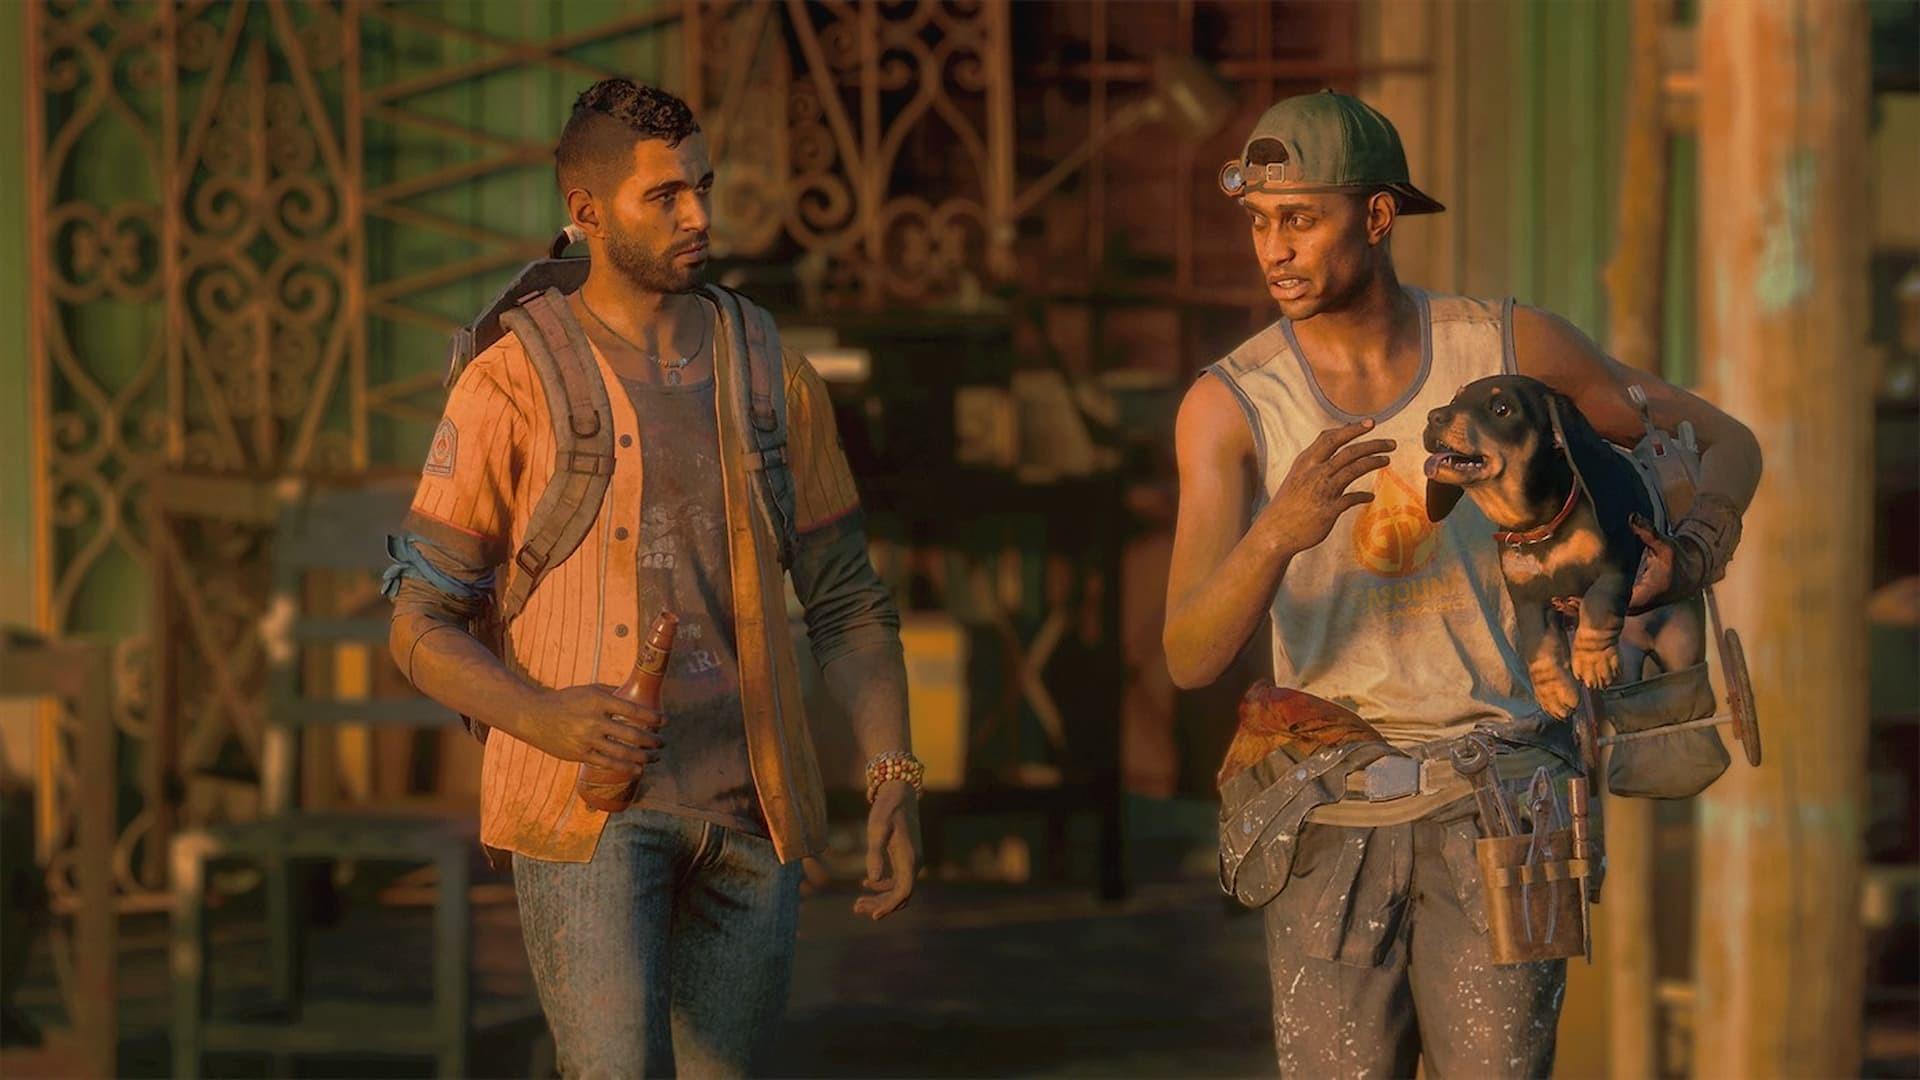 Far Cry 6 Dani Rojas presskit